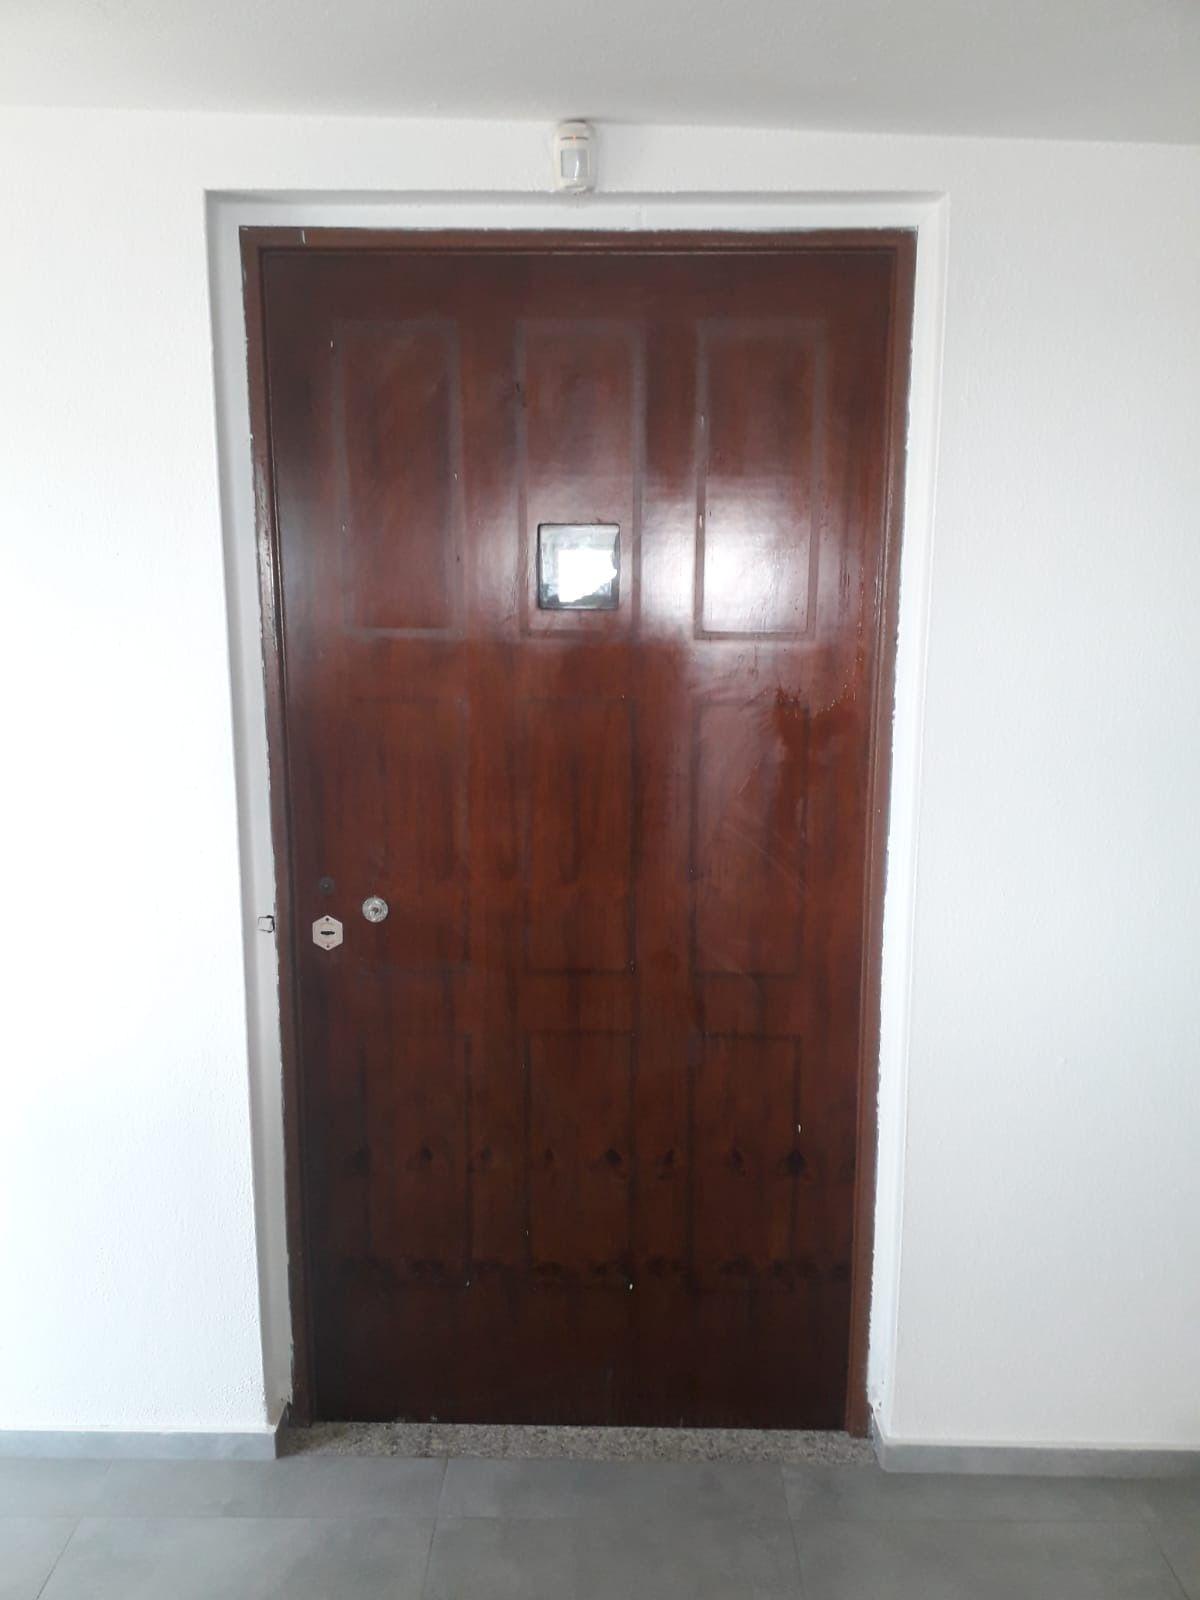 Sostituire Pannello Porta Blindata rivestimento porta blindata: cambia colore senza sostituirla